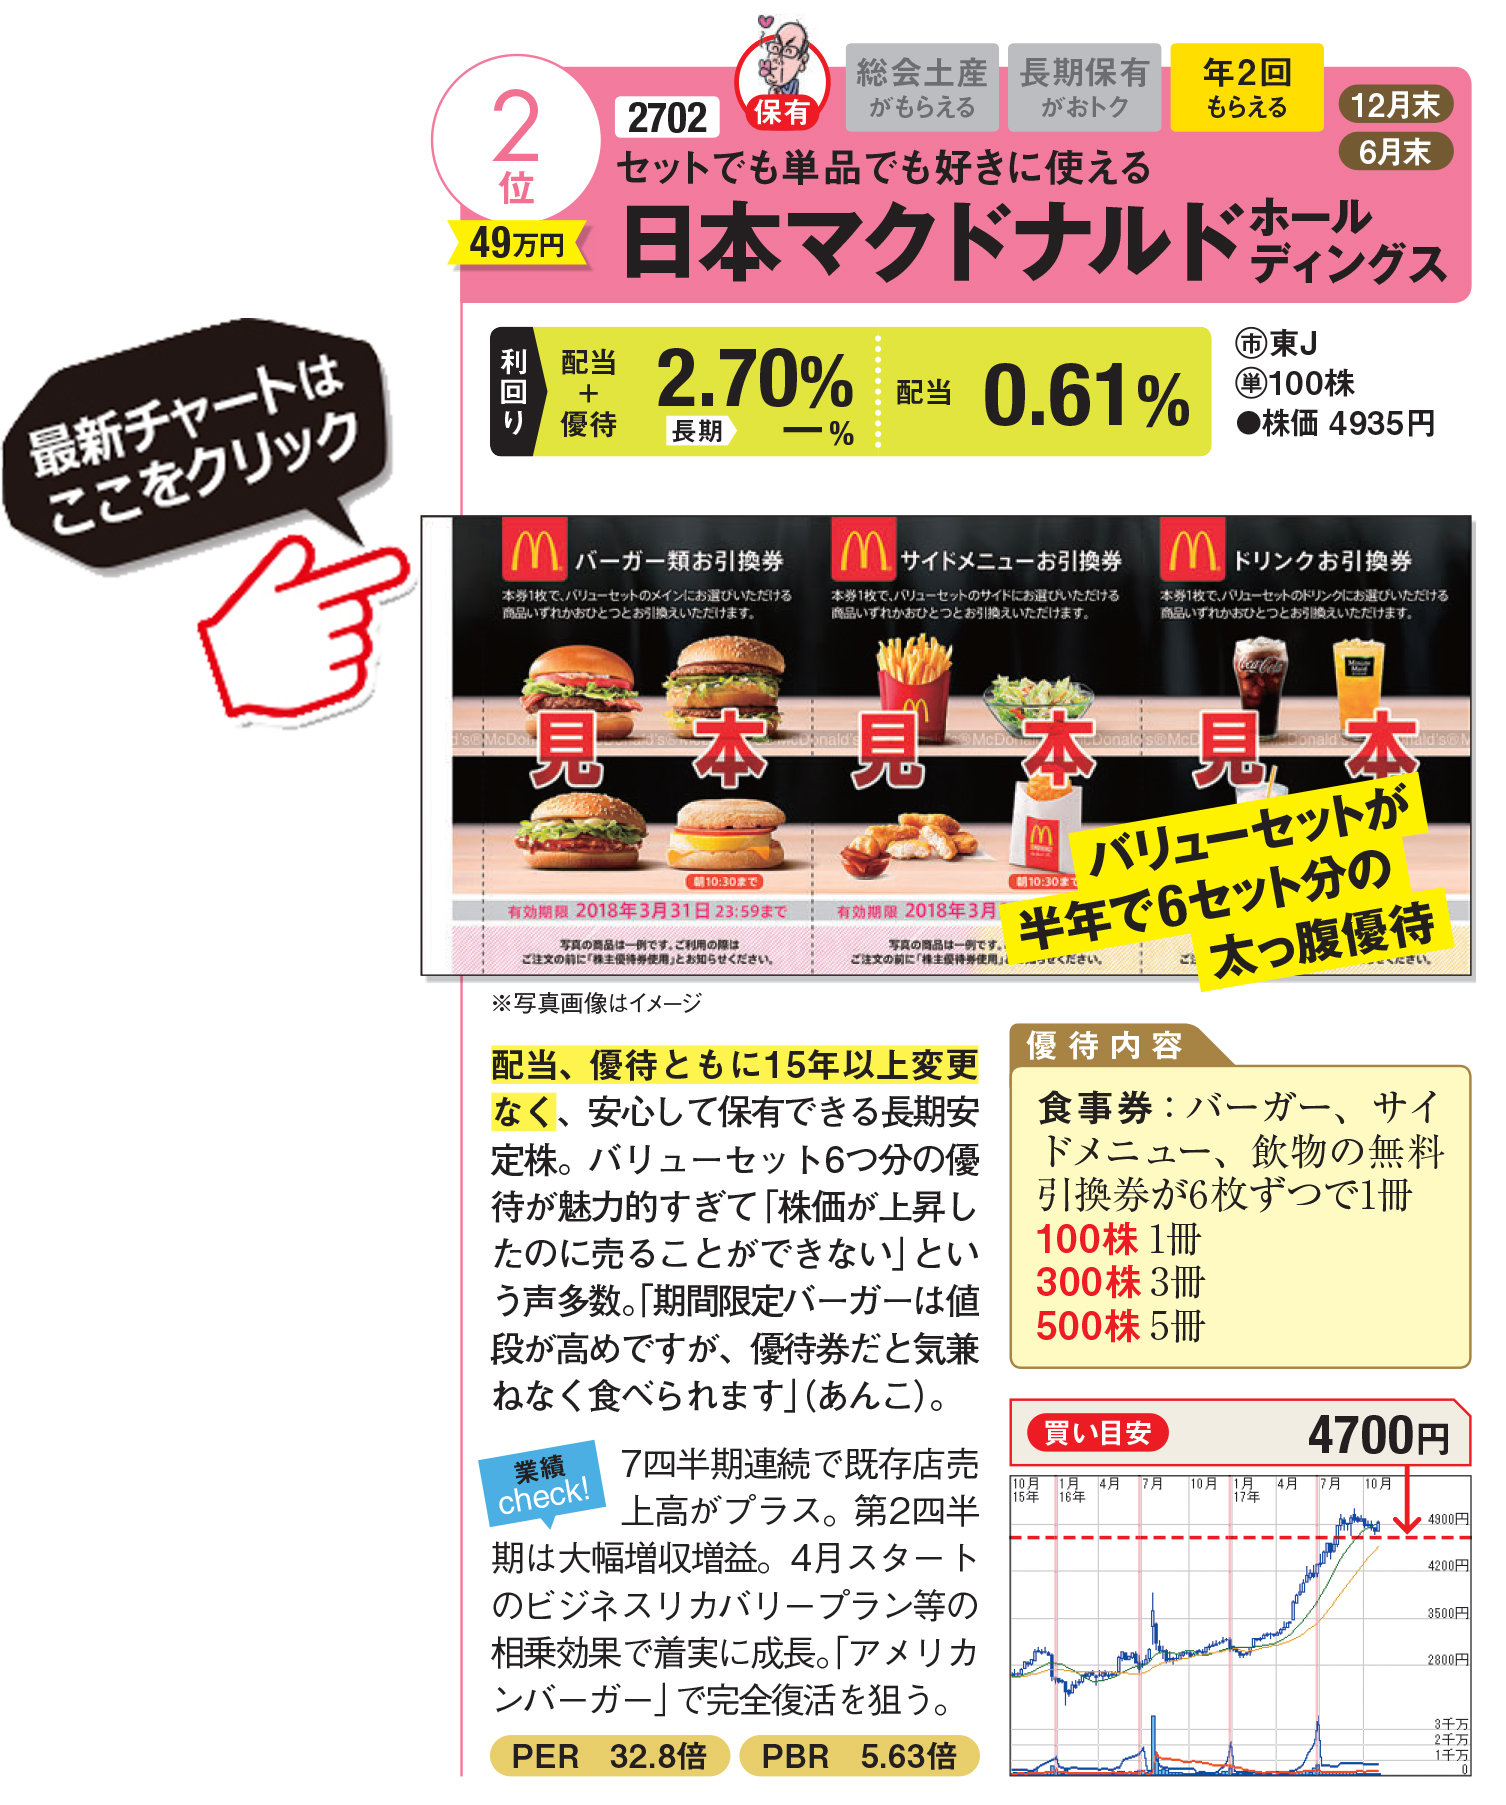 株価 日本 マクドナルド